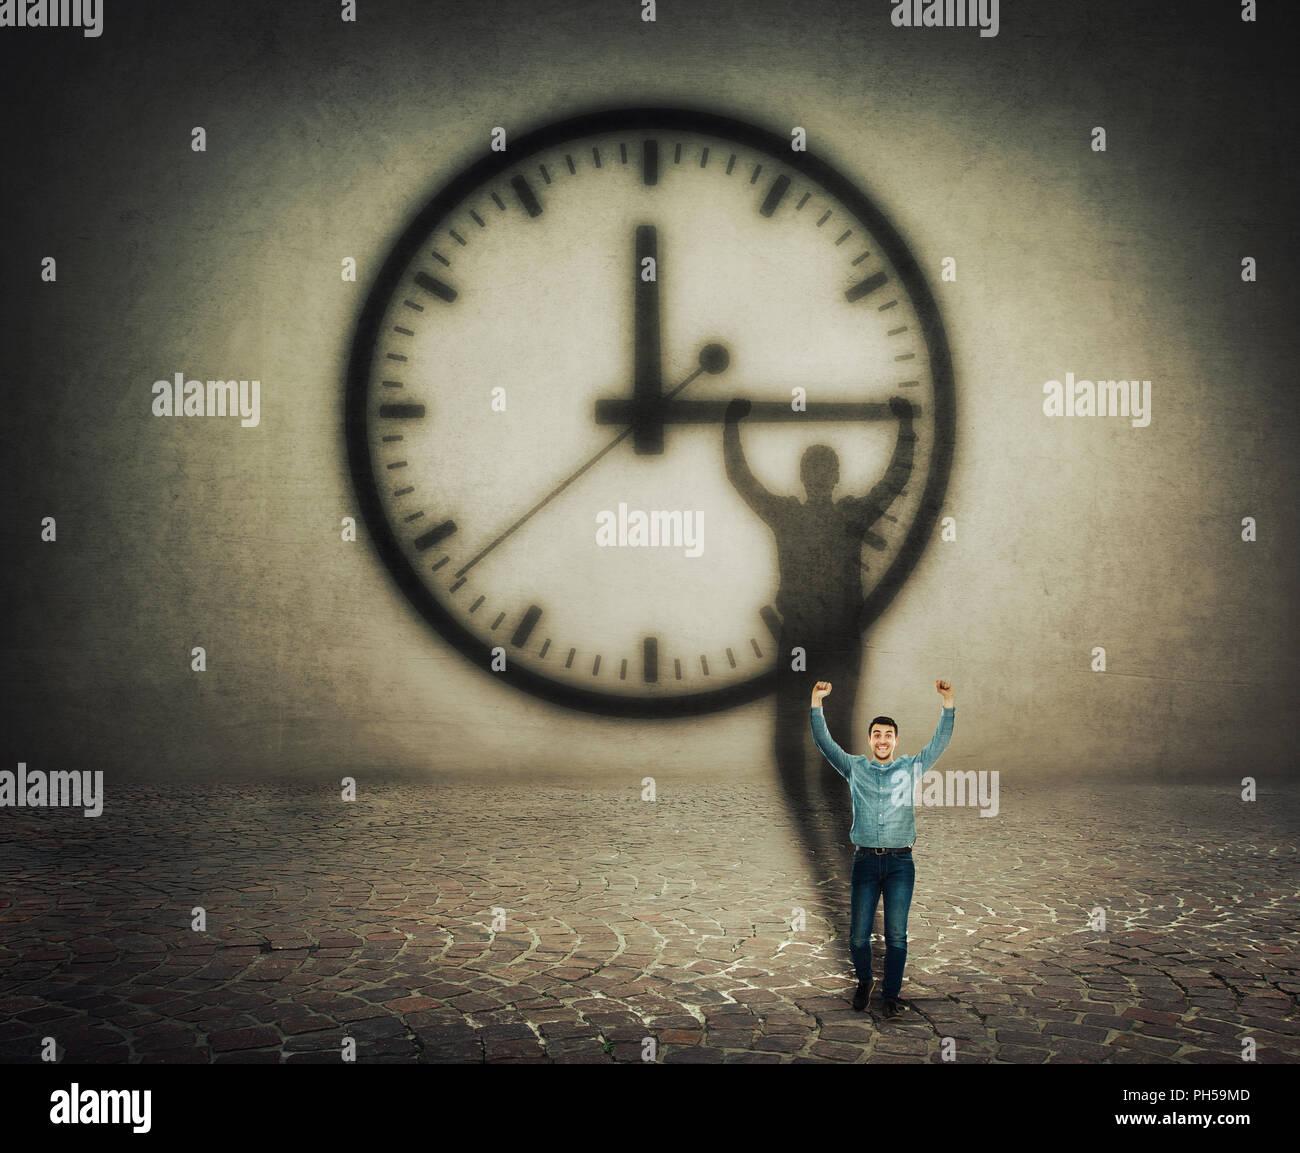 Image surréaliste d'un homme d'essayer d'arrêter le temps. Jette une ombre avec les mains en tenant la flèche de l'horloge. Photo Stock